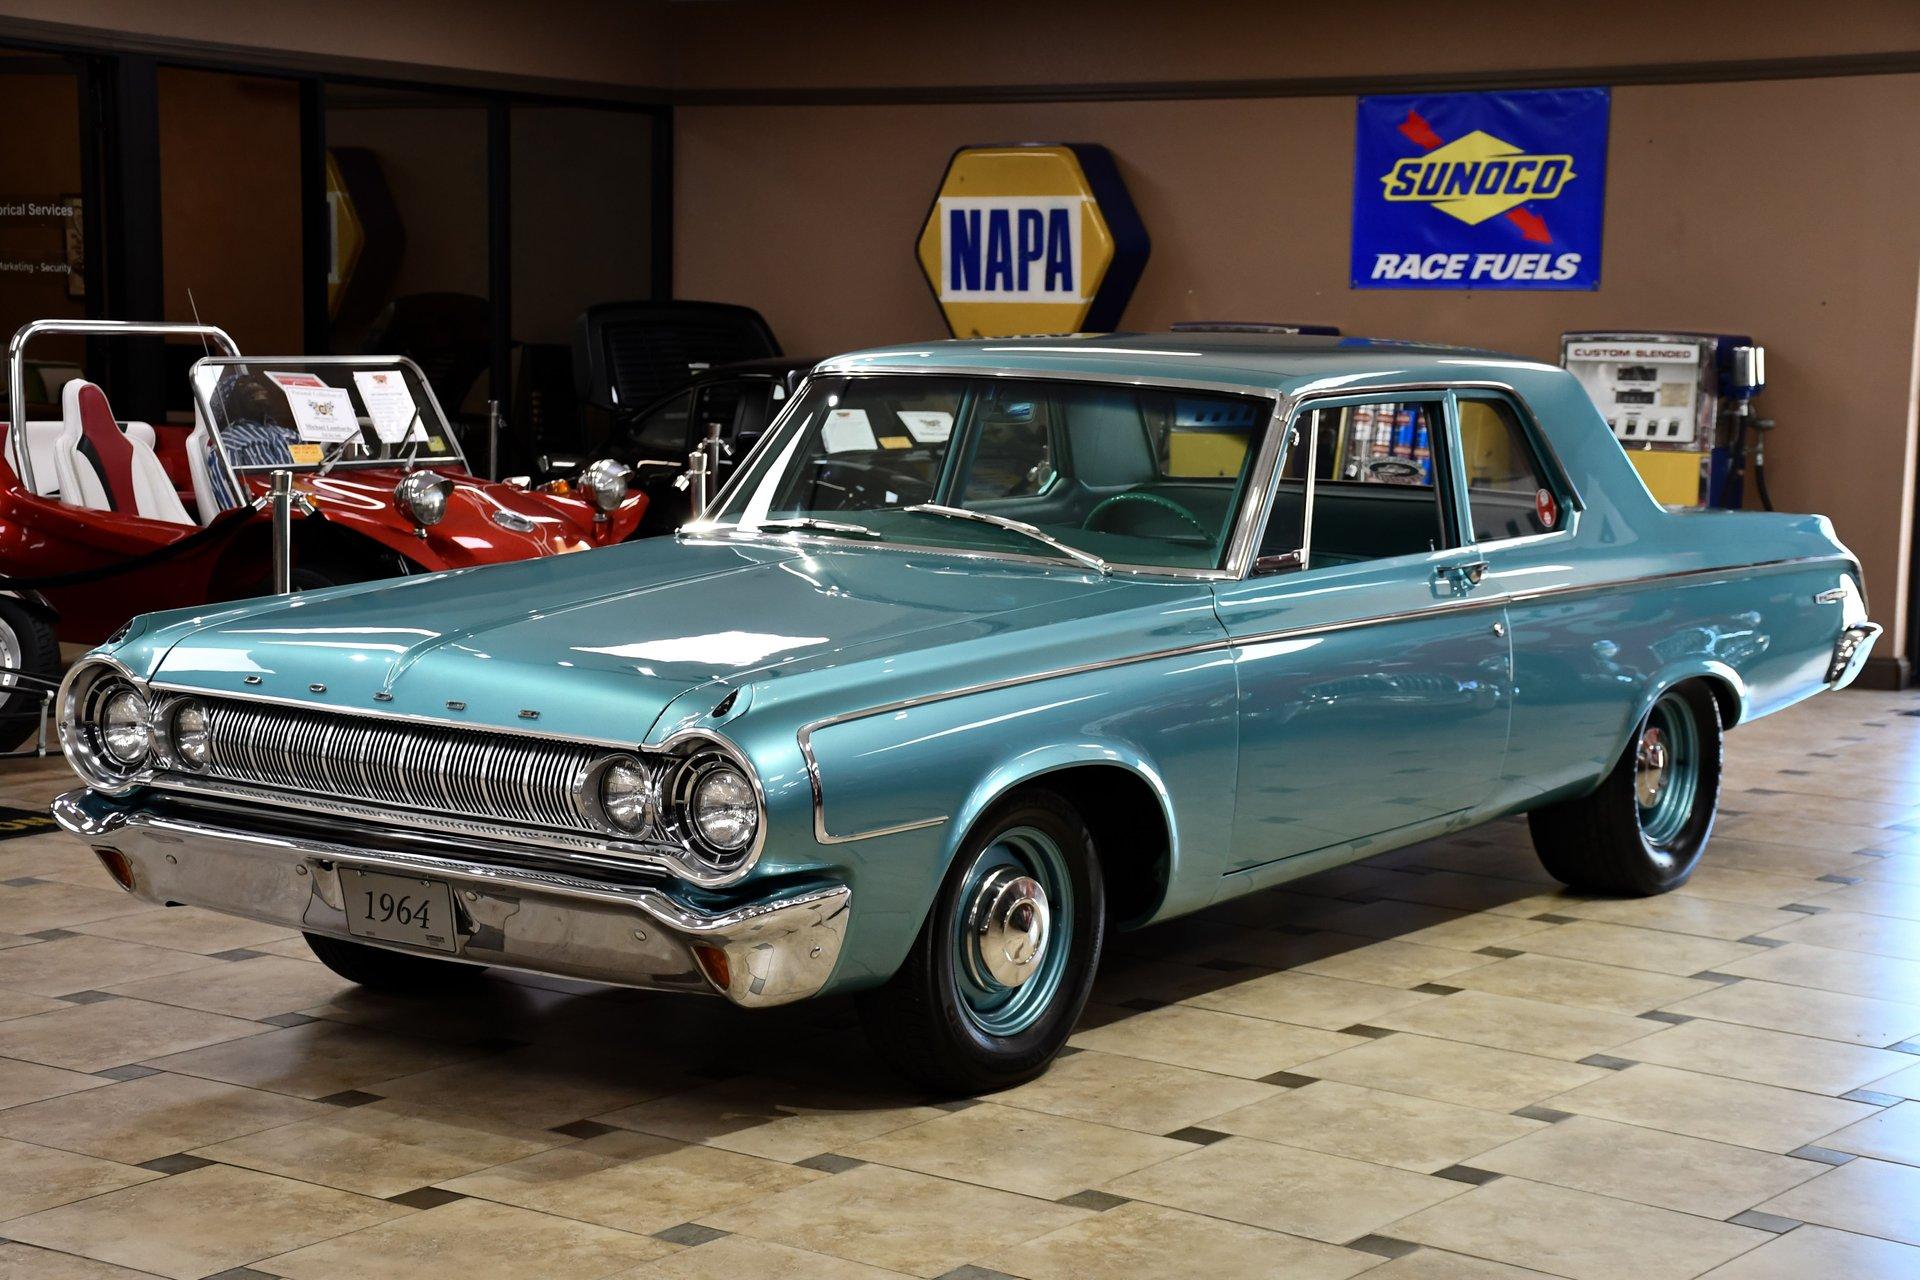 1964 dodge 330 max wedge